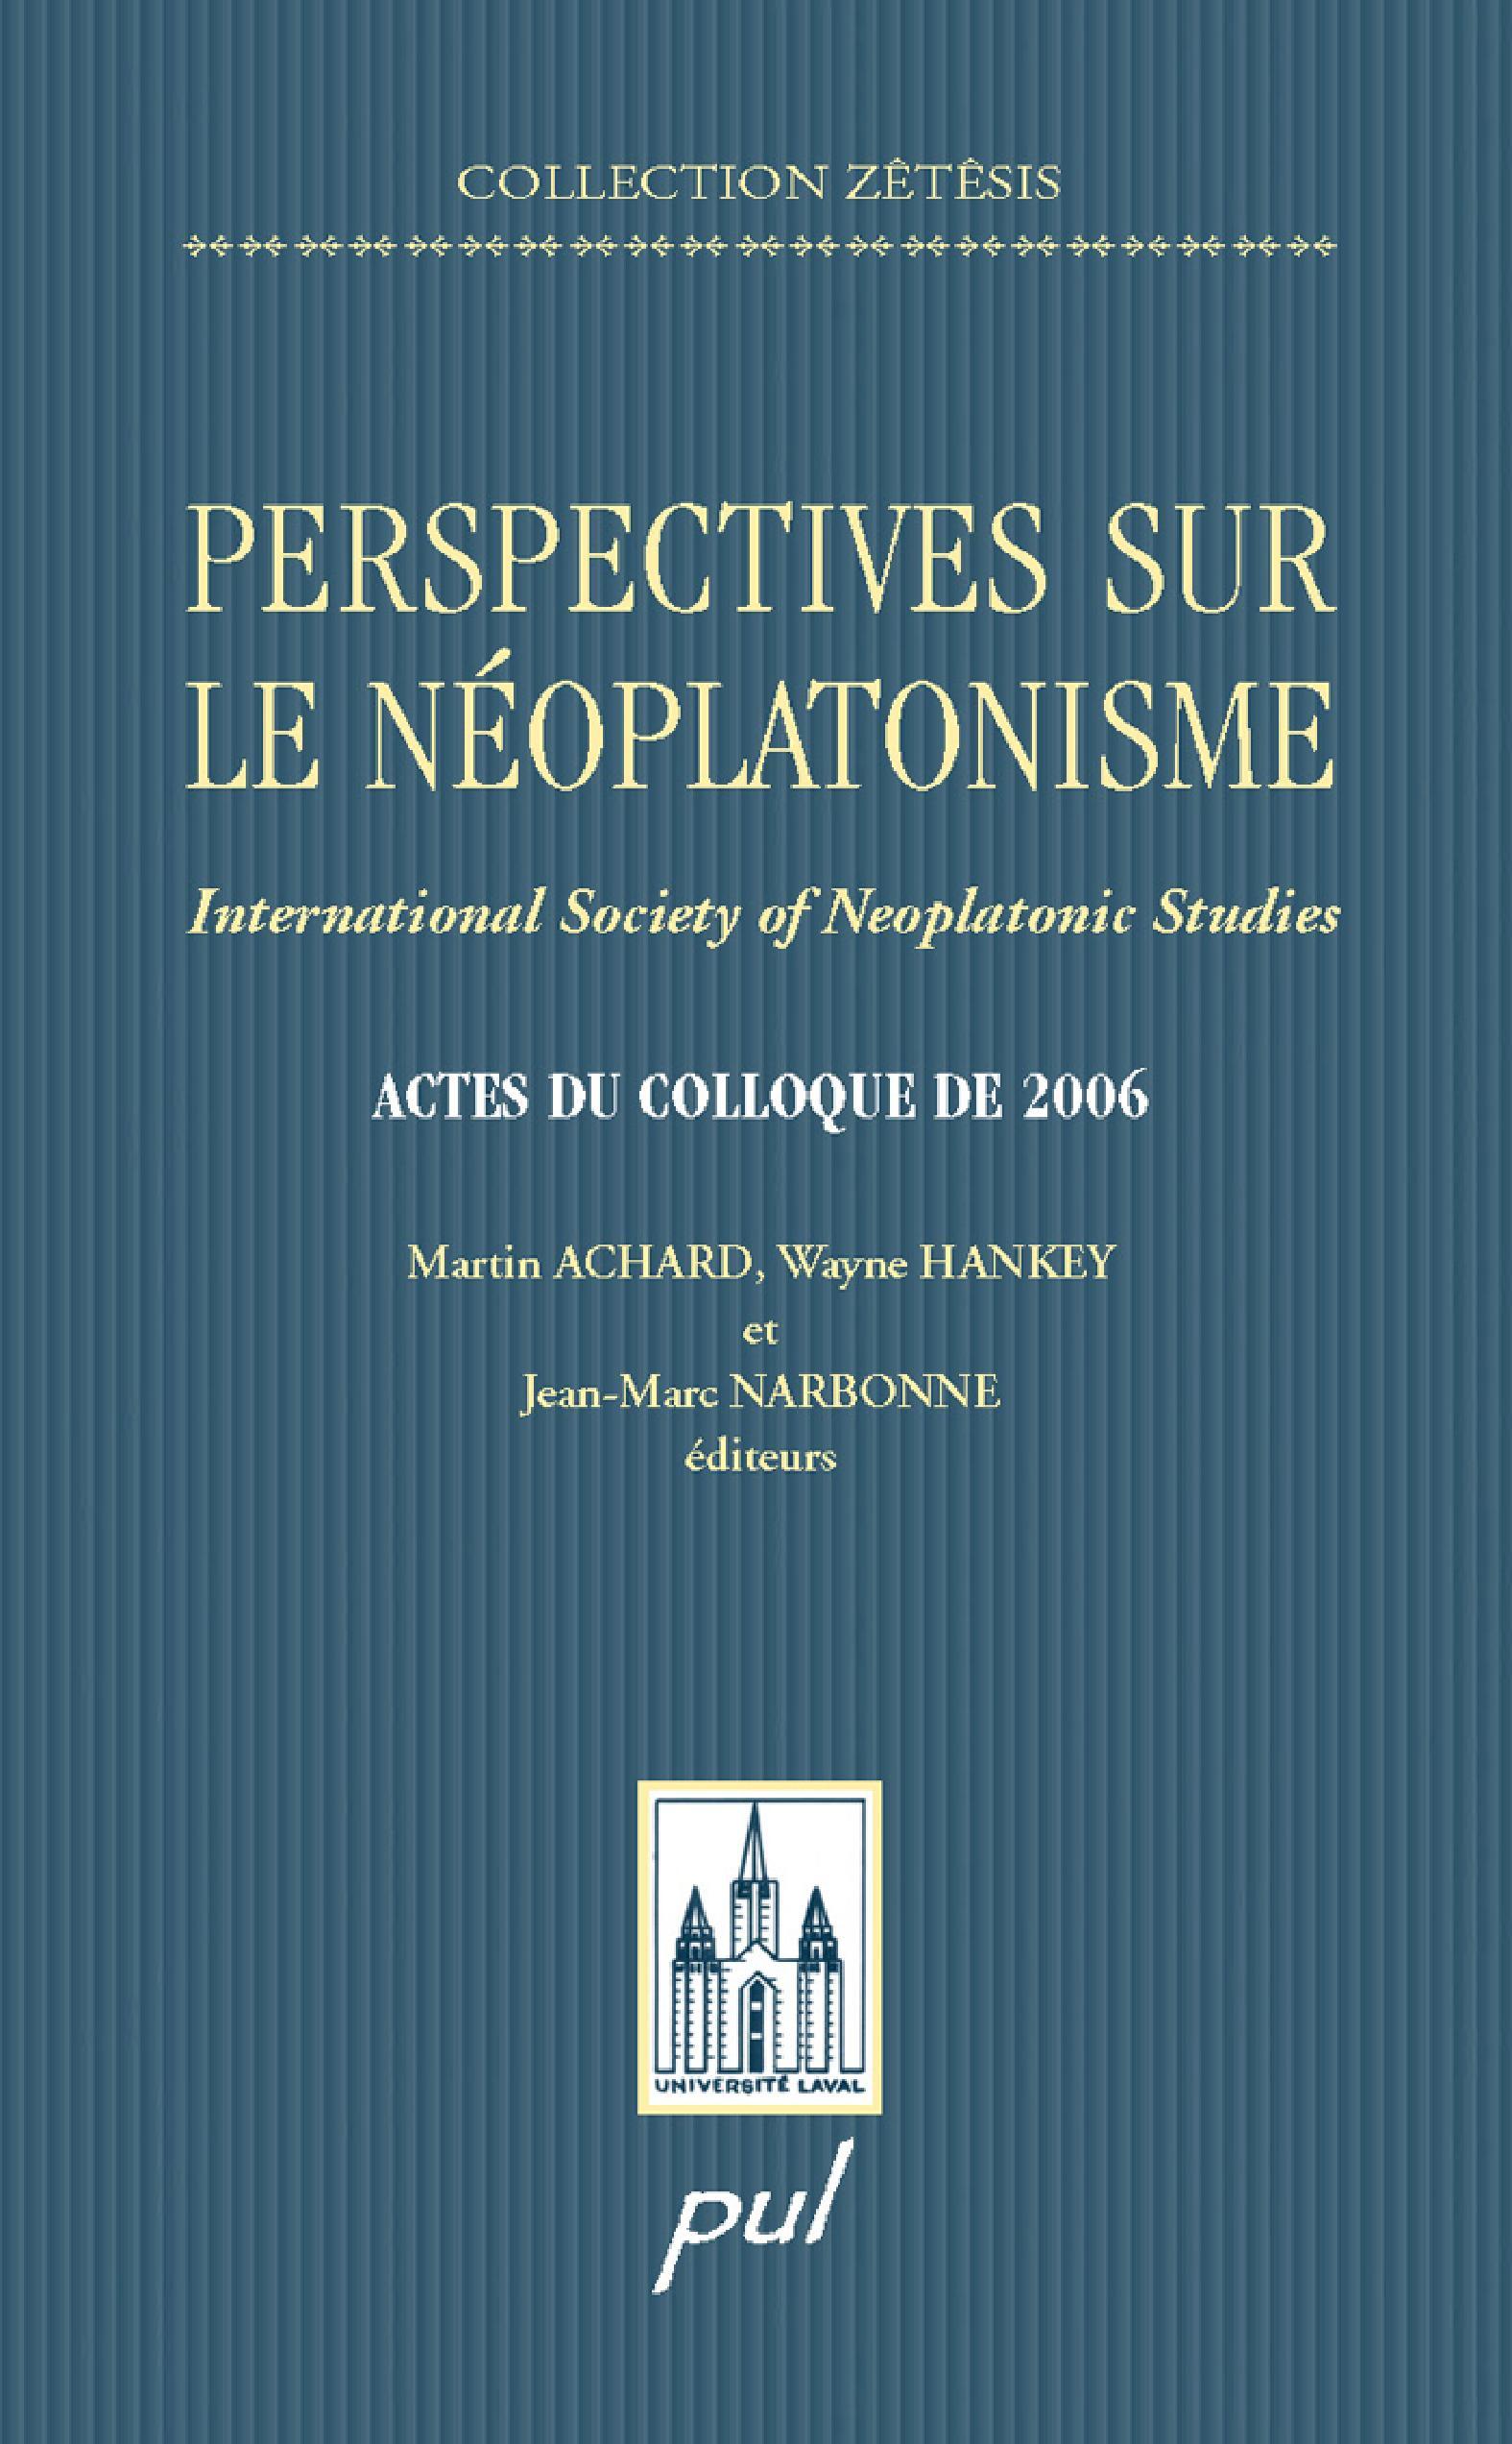 Perspectives sur le néoplat...